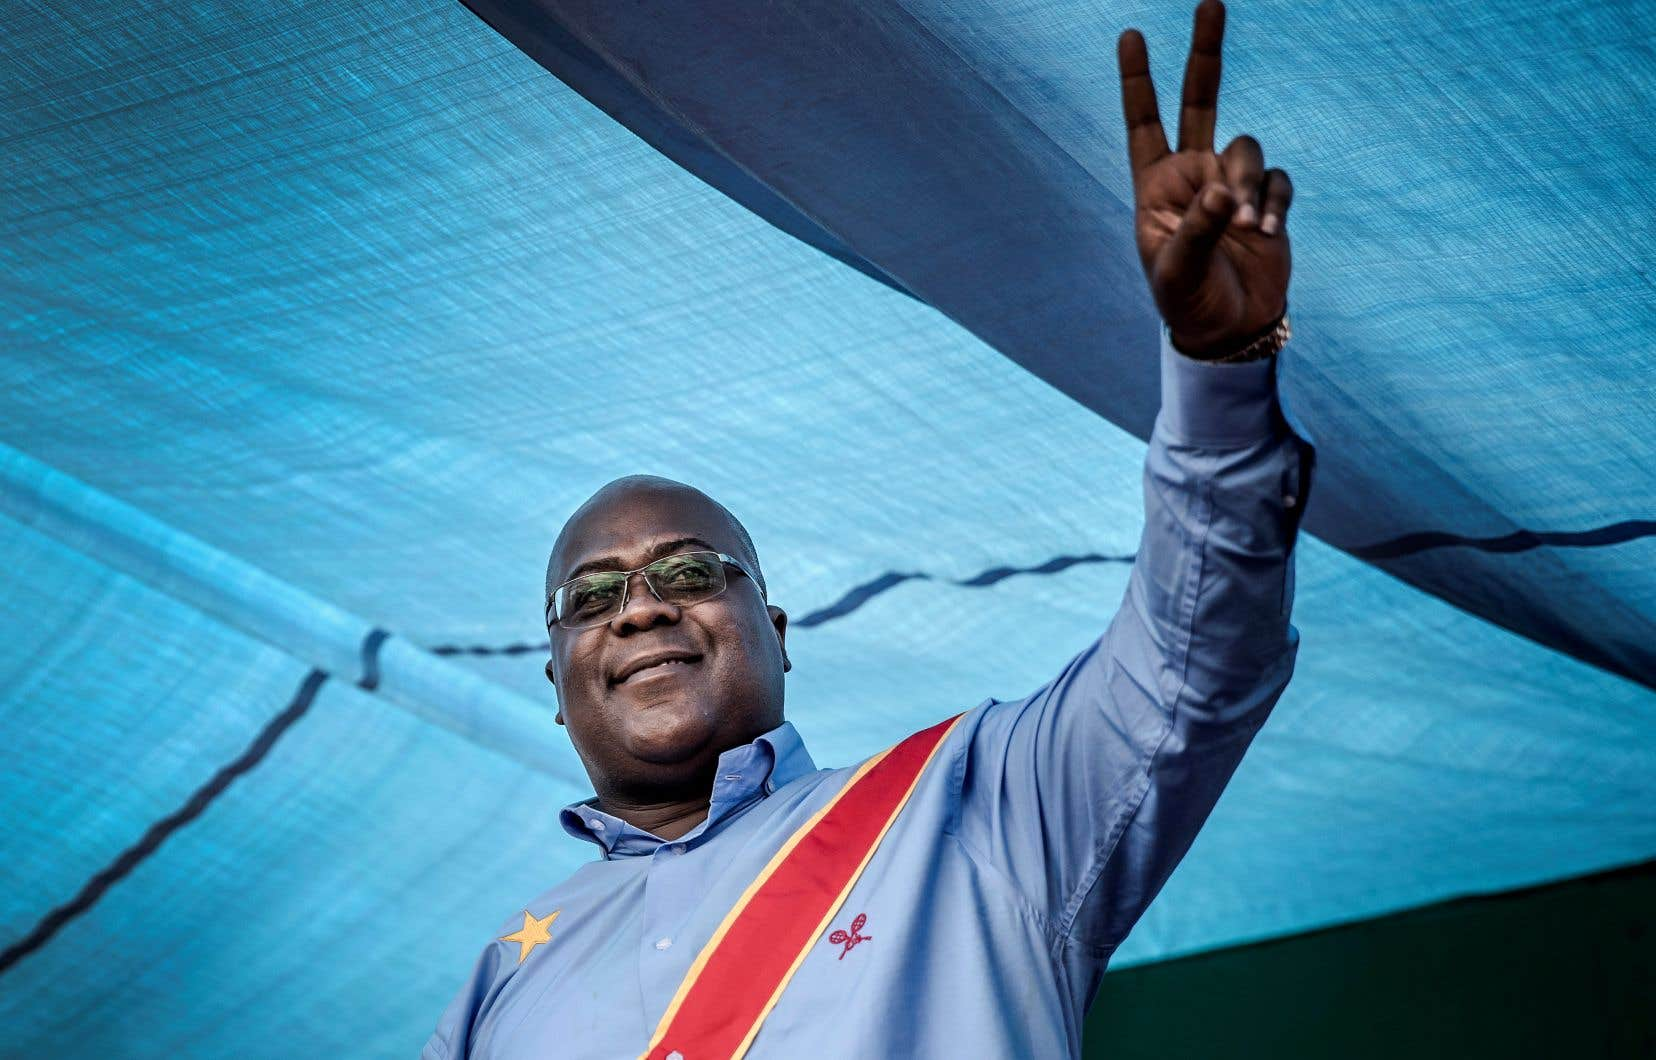 Félix Tshisekedi, fils encore méconnu de l'icône de l'opposition, le regretté Étienne Tshisekedi, a réussi ce que son père recherchait depuis des décennies.